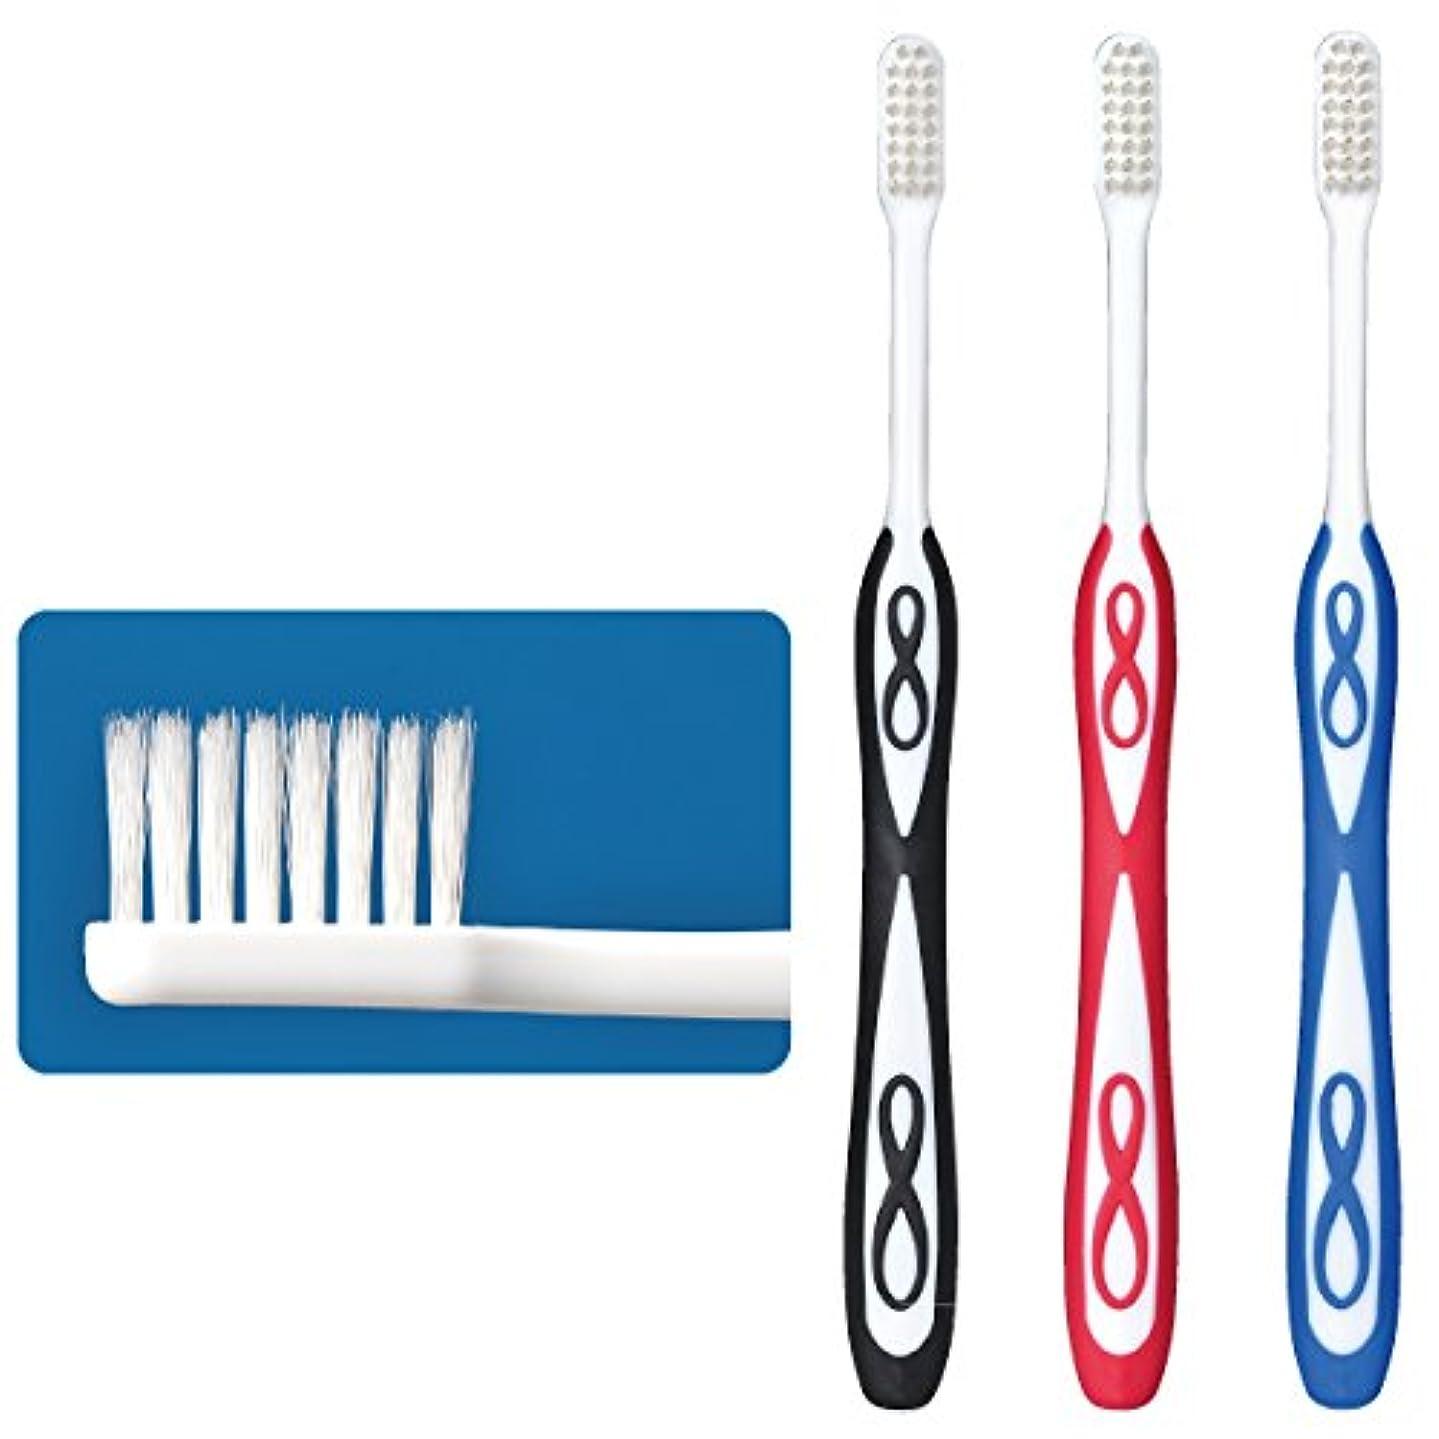 終了しました宇宙のLover8(ラバーエイト)歯ブラシ レギュラータイプ オールテーパー毛 Mふつう 30本入